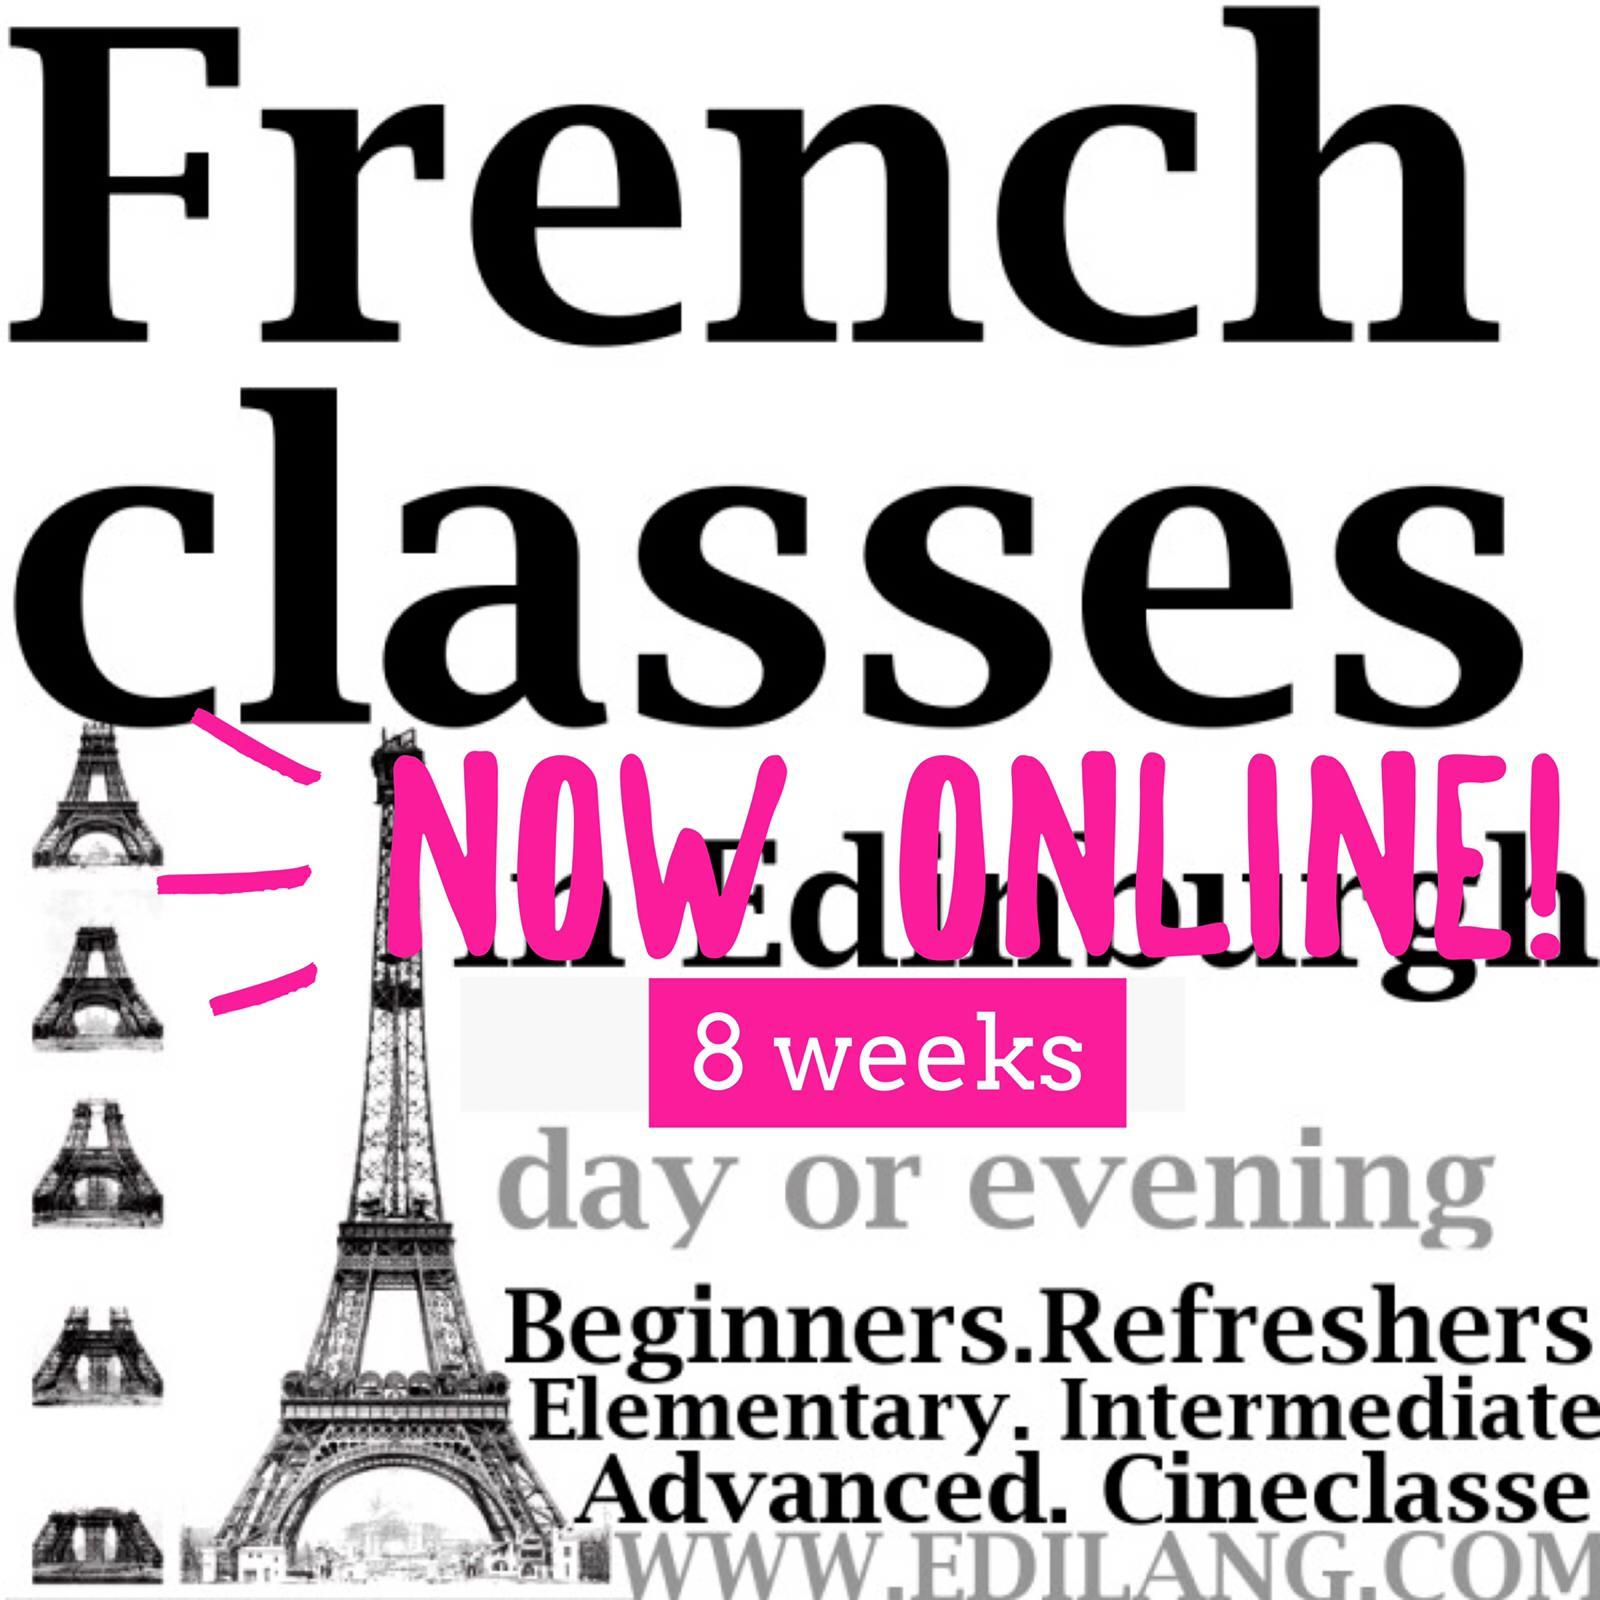 Learn French in Edinburgh